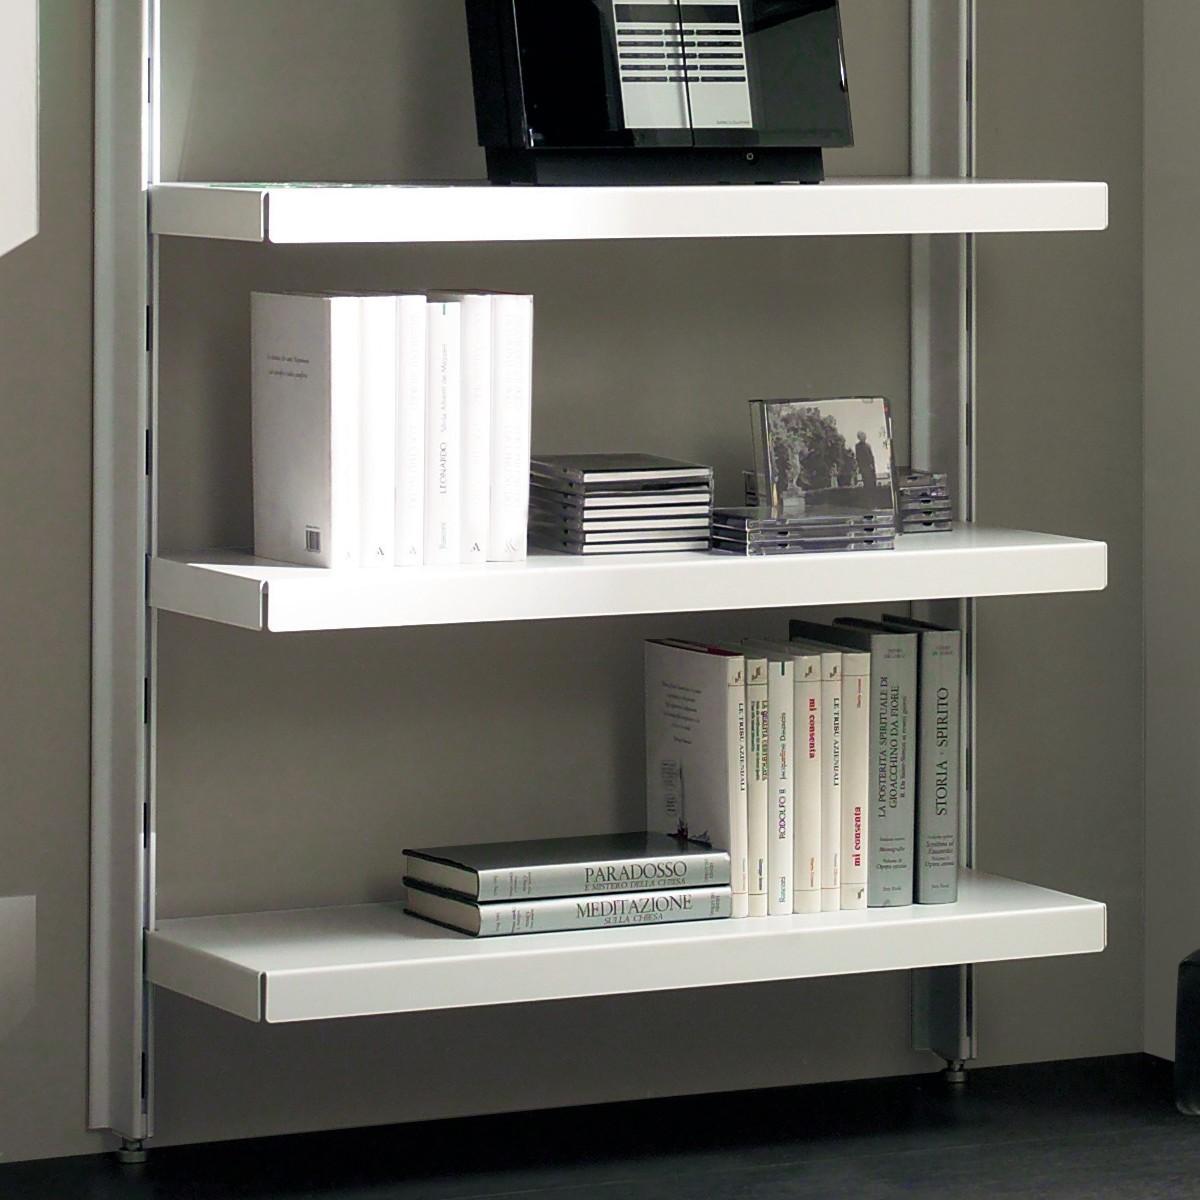 scaffale a muro acciaio: libreria a muro moderna tato uthesign in ... - Scaffali Metallo E Vetro